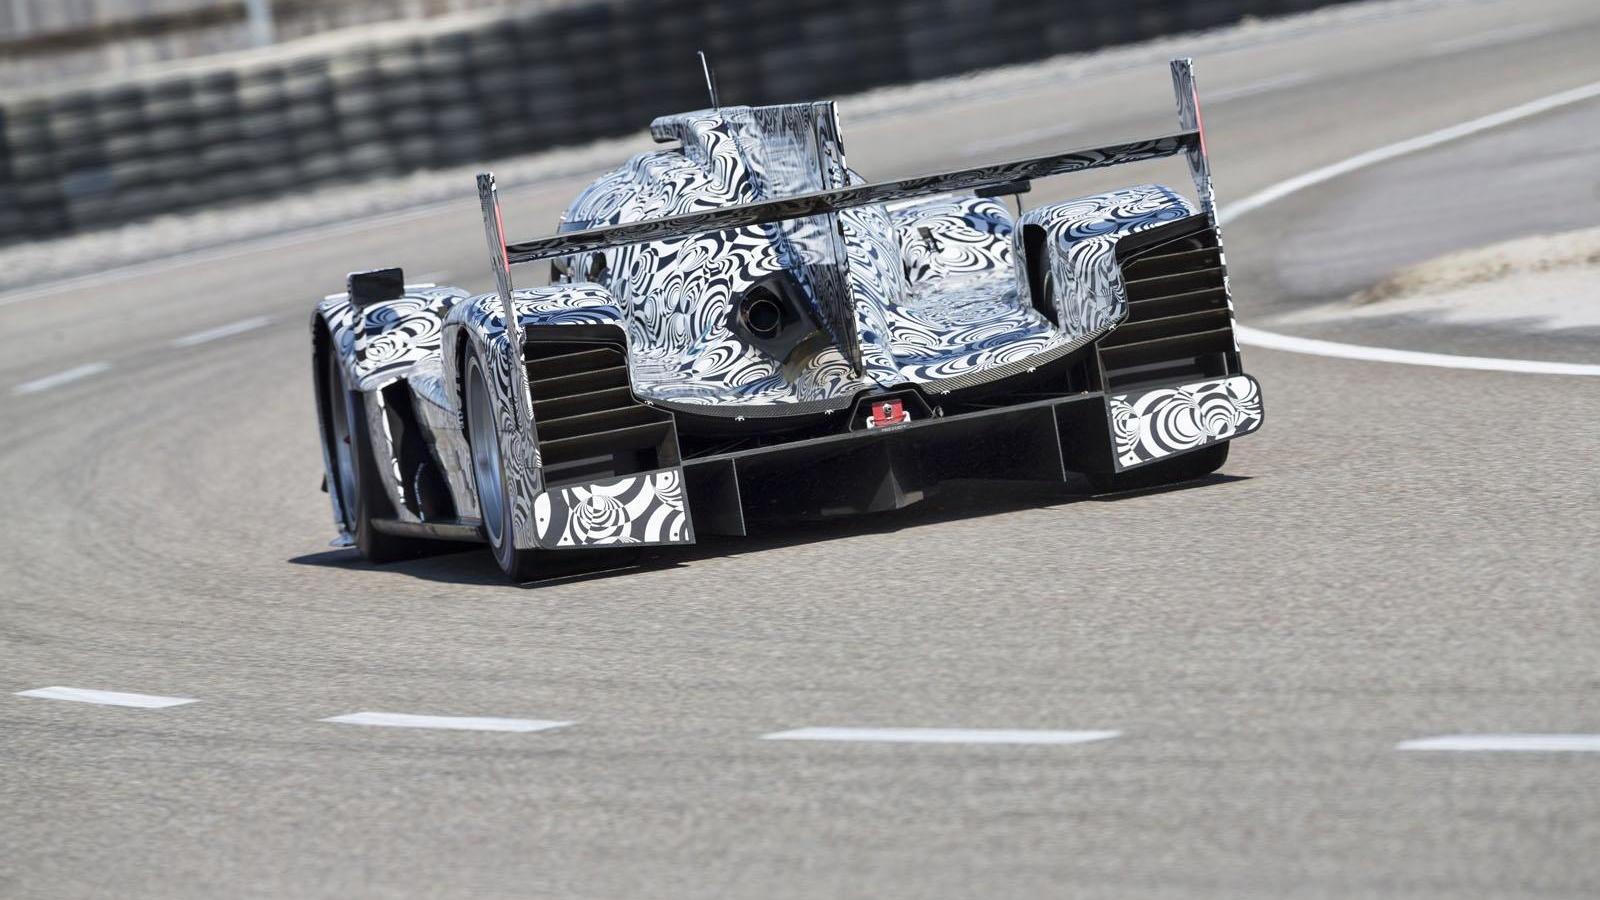 2014 Porsche Le Mans prototype (LMP1)